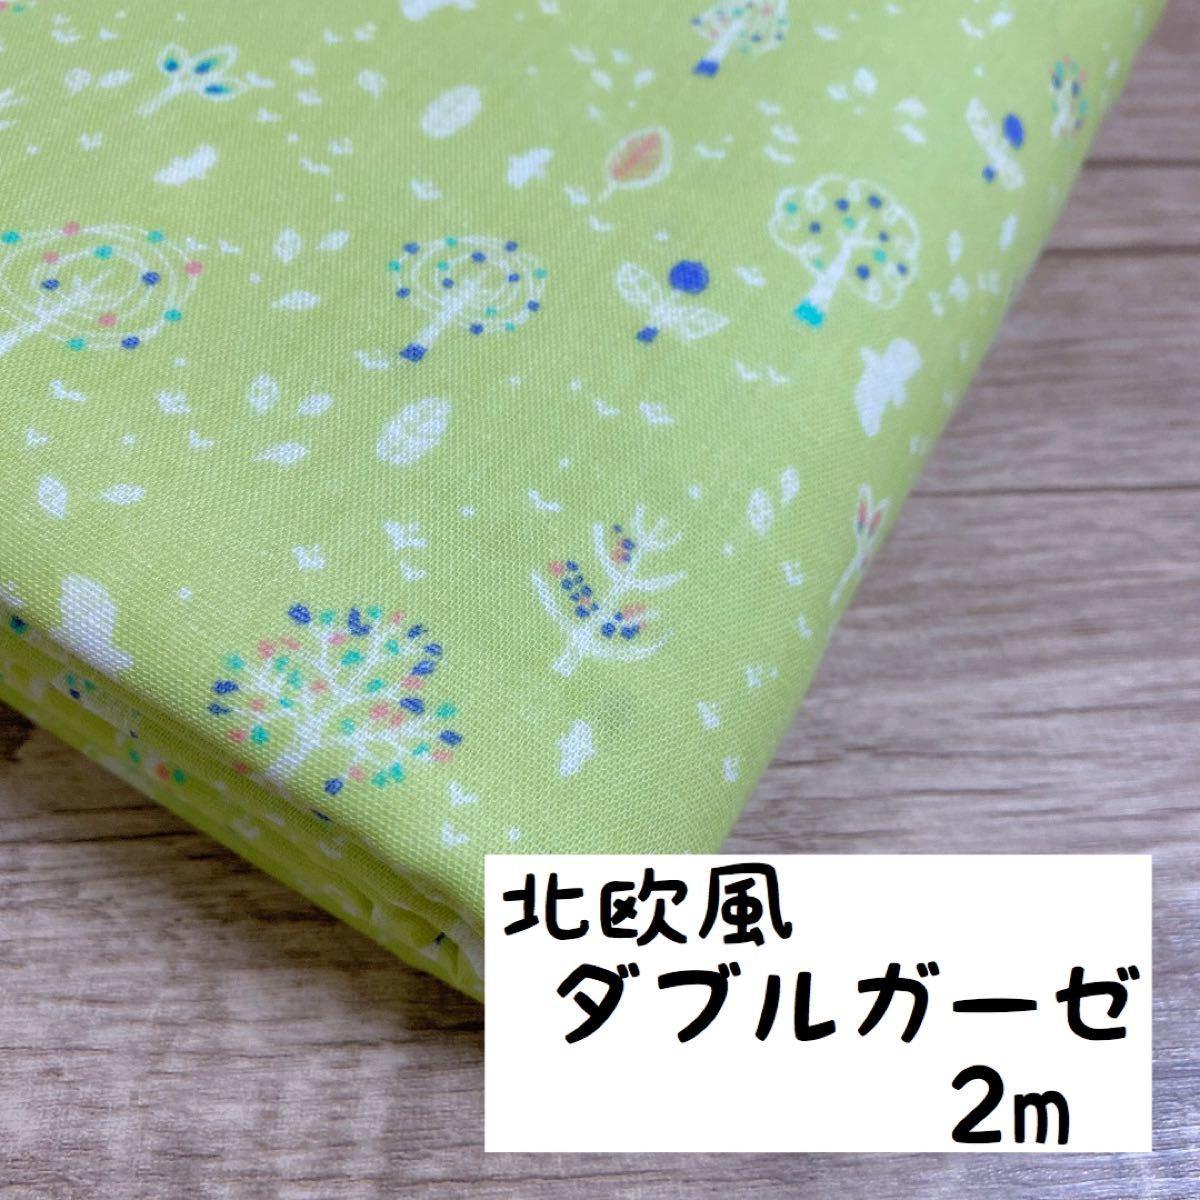 北欧風ダブルガーゼ生地☆日本製  2mカット  アップルグリーン